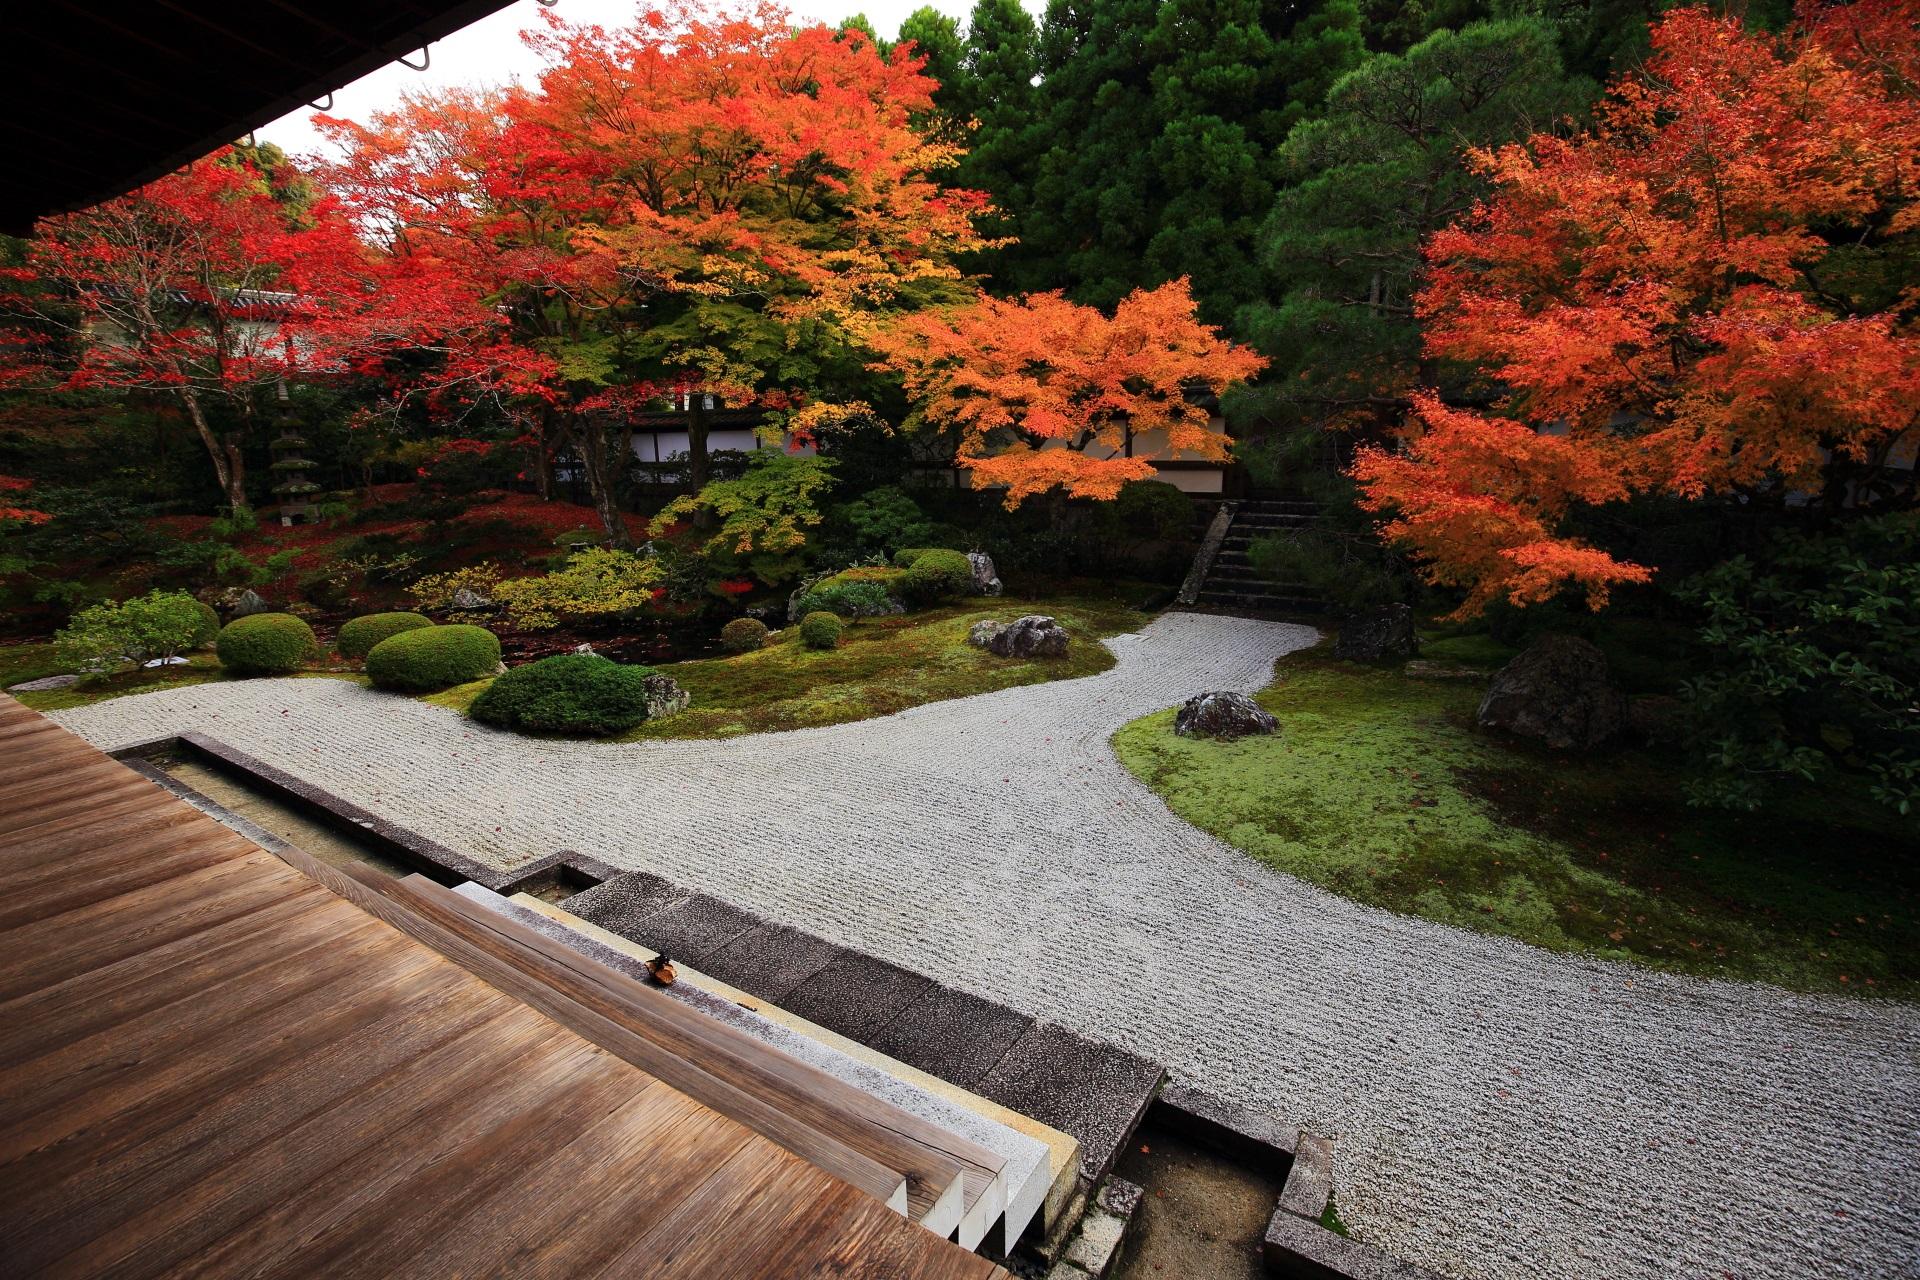 泉涌寺の素晴らしい御座所庭園の紅葉や秋の情景